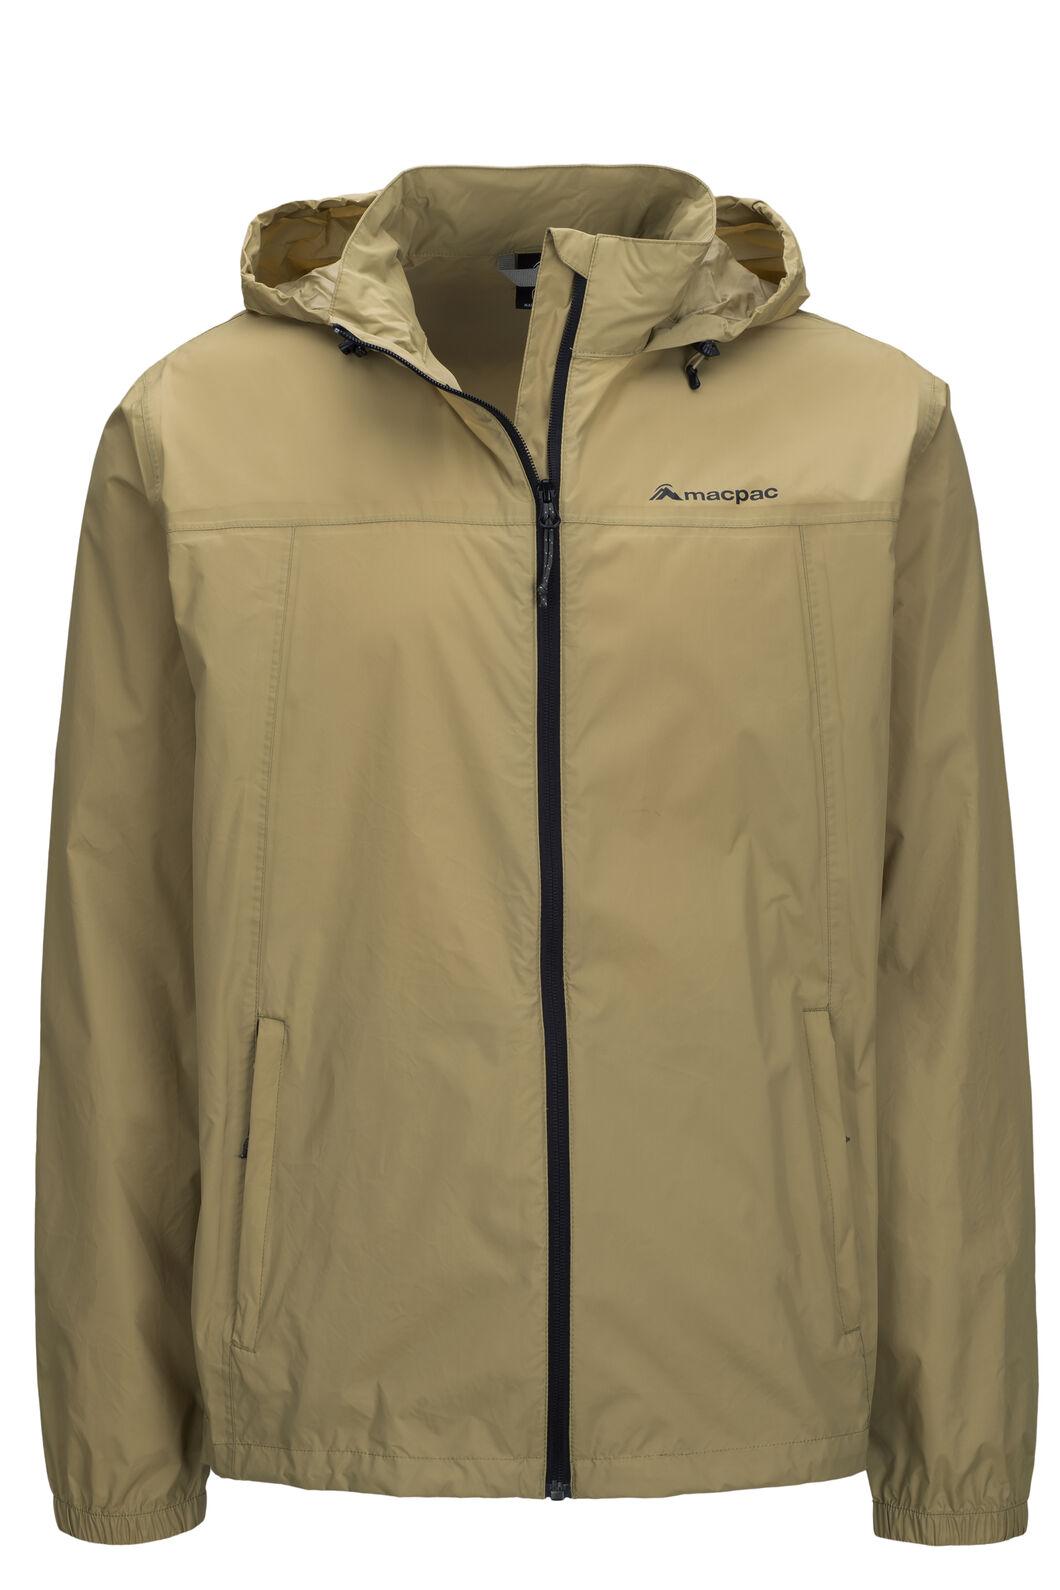 Macpac Pack-It-Jacket — Unisex, Khaki/Black, hi-res